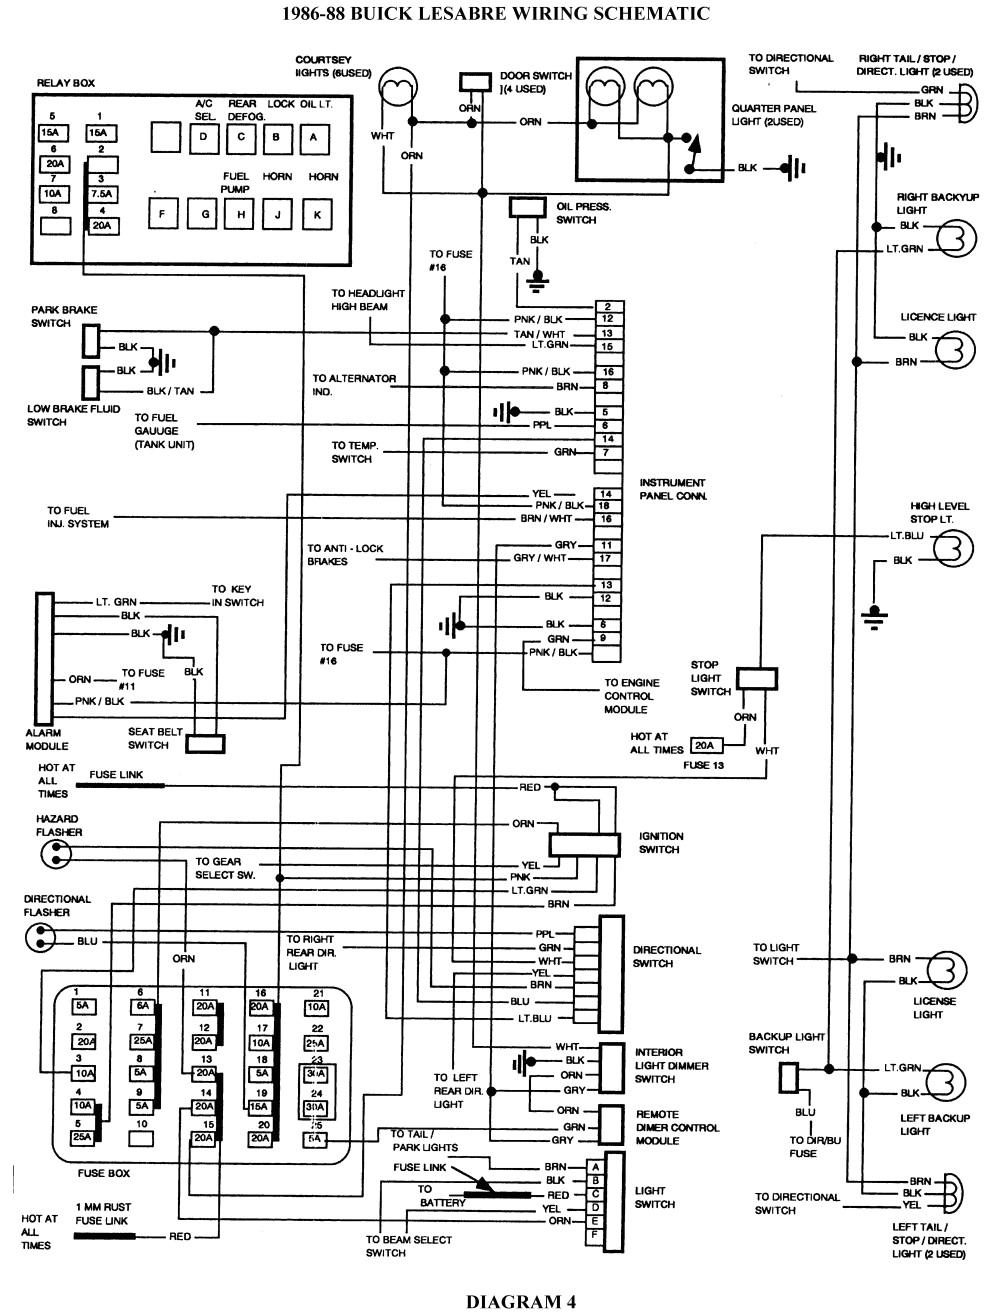 2000 buick century wiring diagram repair guides wiring diagrams wiring diagrams of 2000 buick century wiring diagram gif